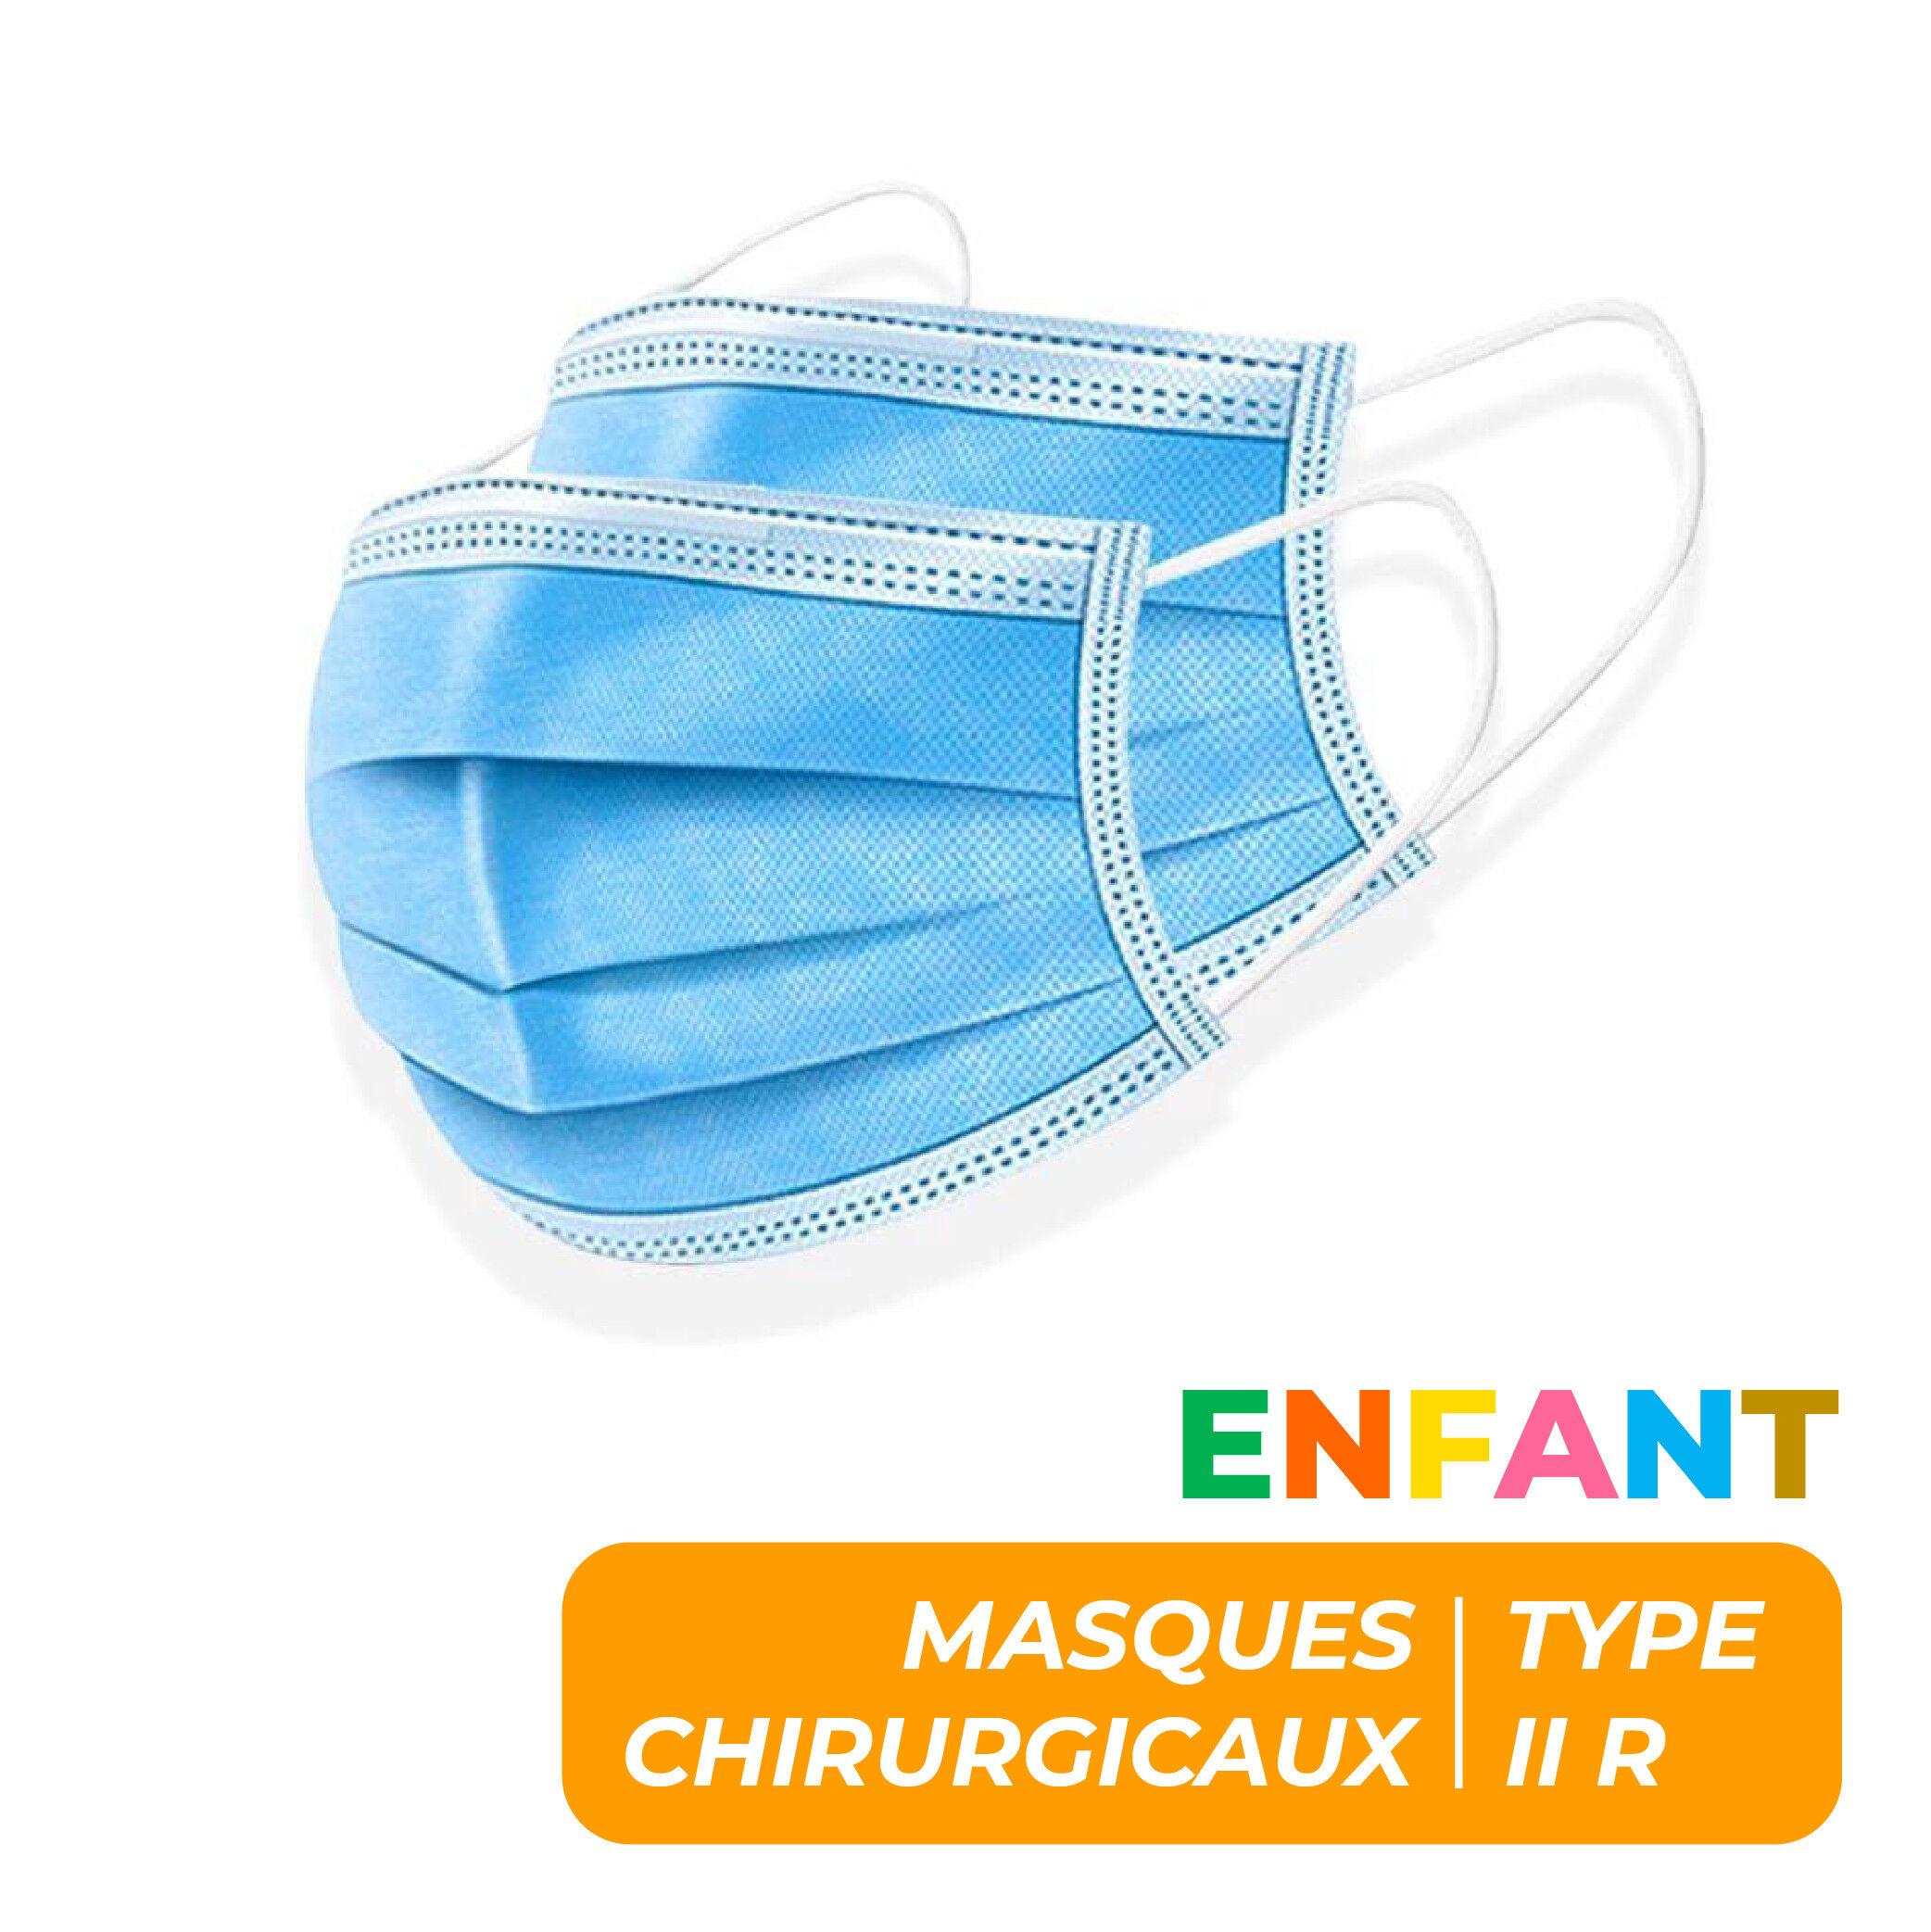 MASQUES CHIRURGICAUX TYPE II R ENFANTS - SACHET DE 10